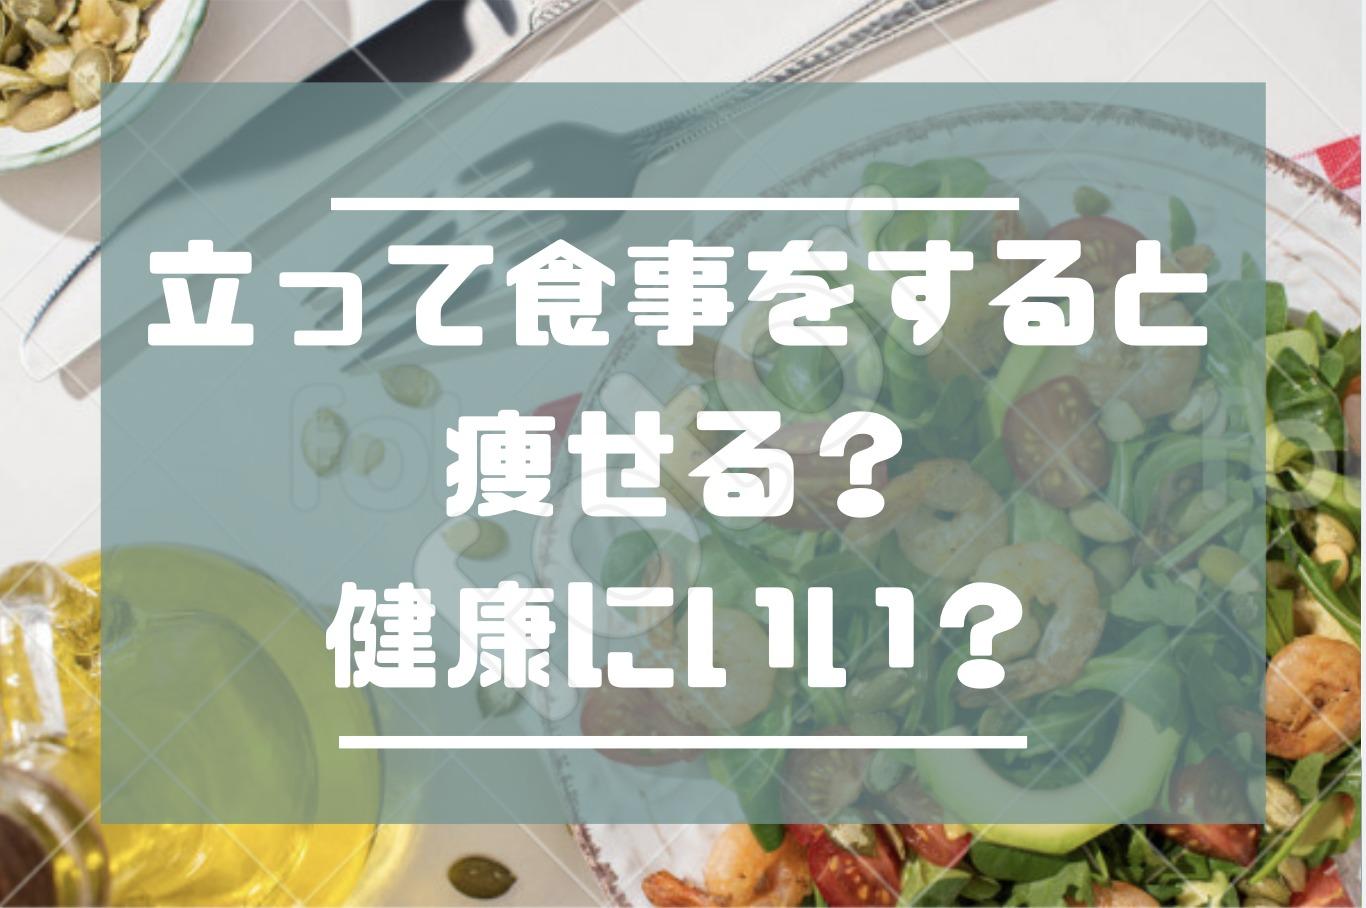 立って食事をすると痩せる?健康にいい?